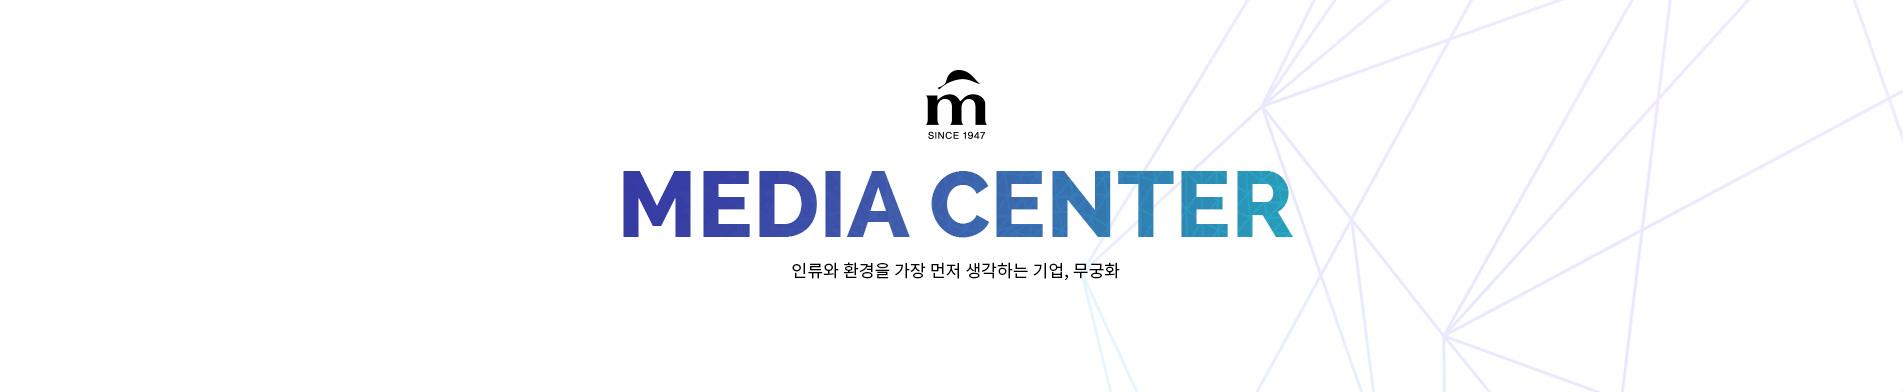 media-center-kr